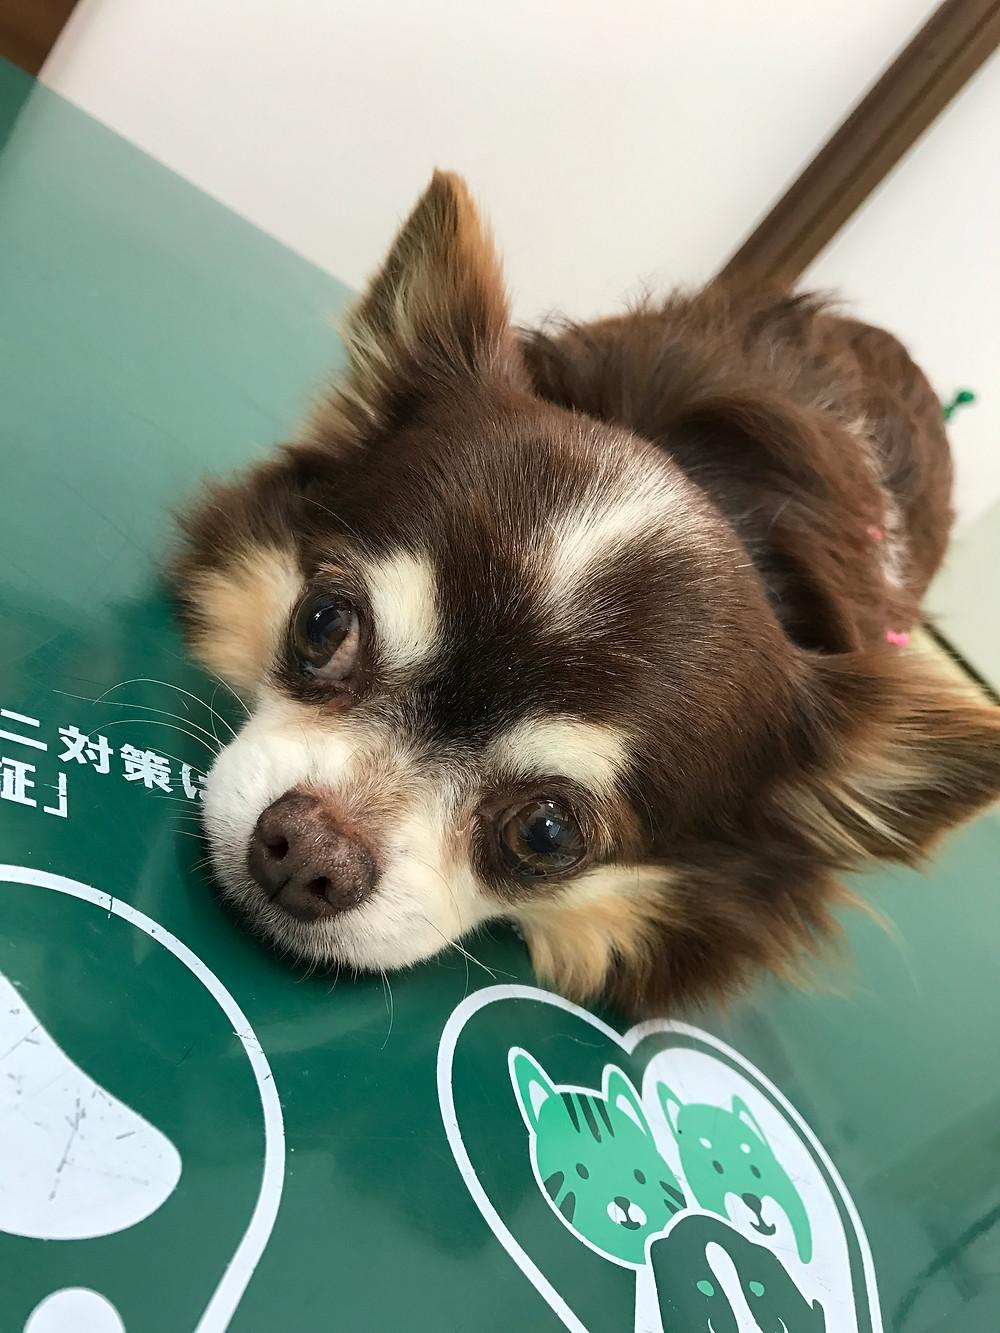 殺処分0を目指す一般社団法人つなぐいのち 保護犬 チョコ ショコラ 里親寄付 診察中